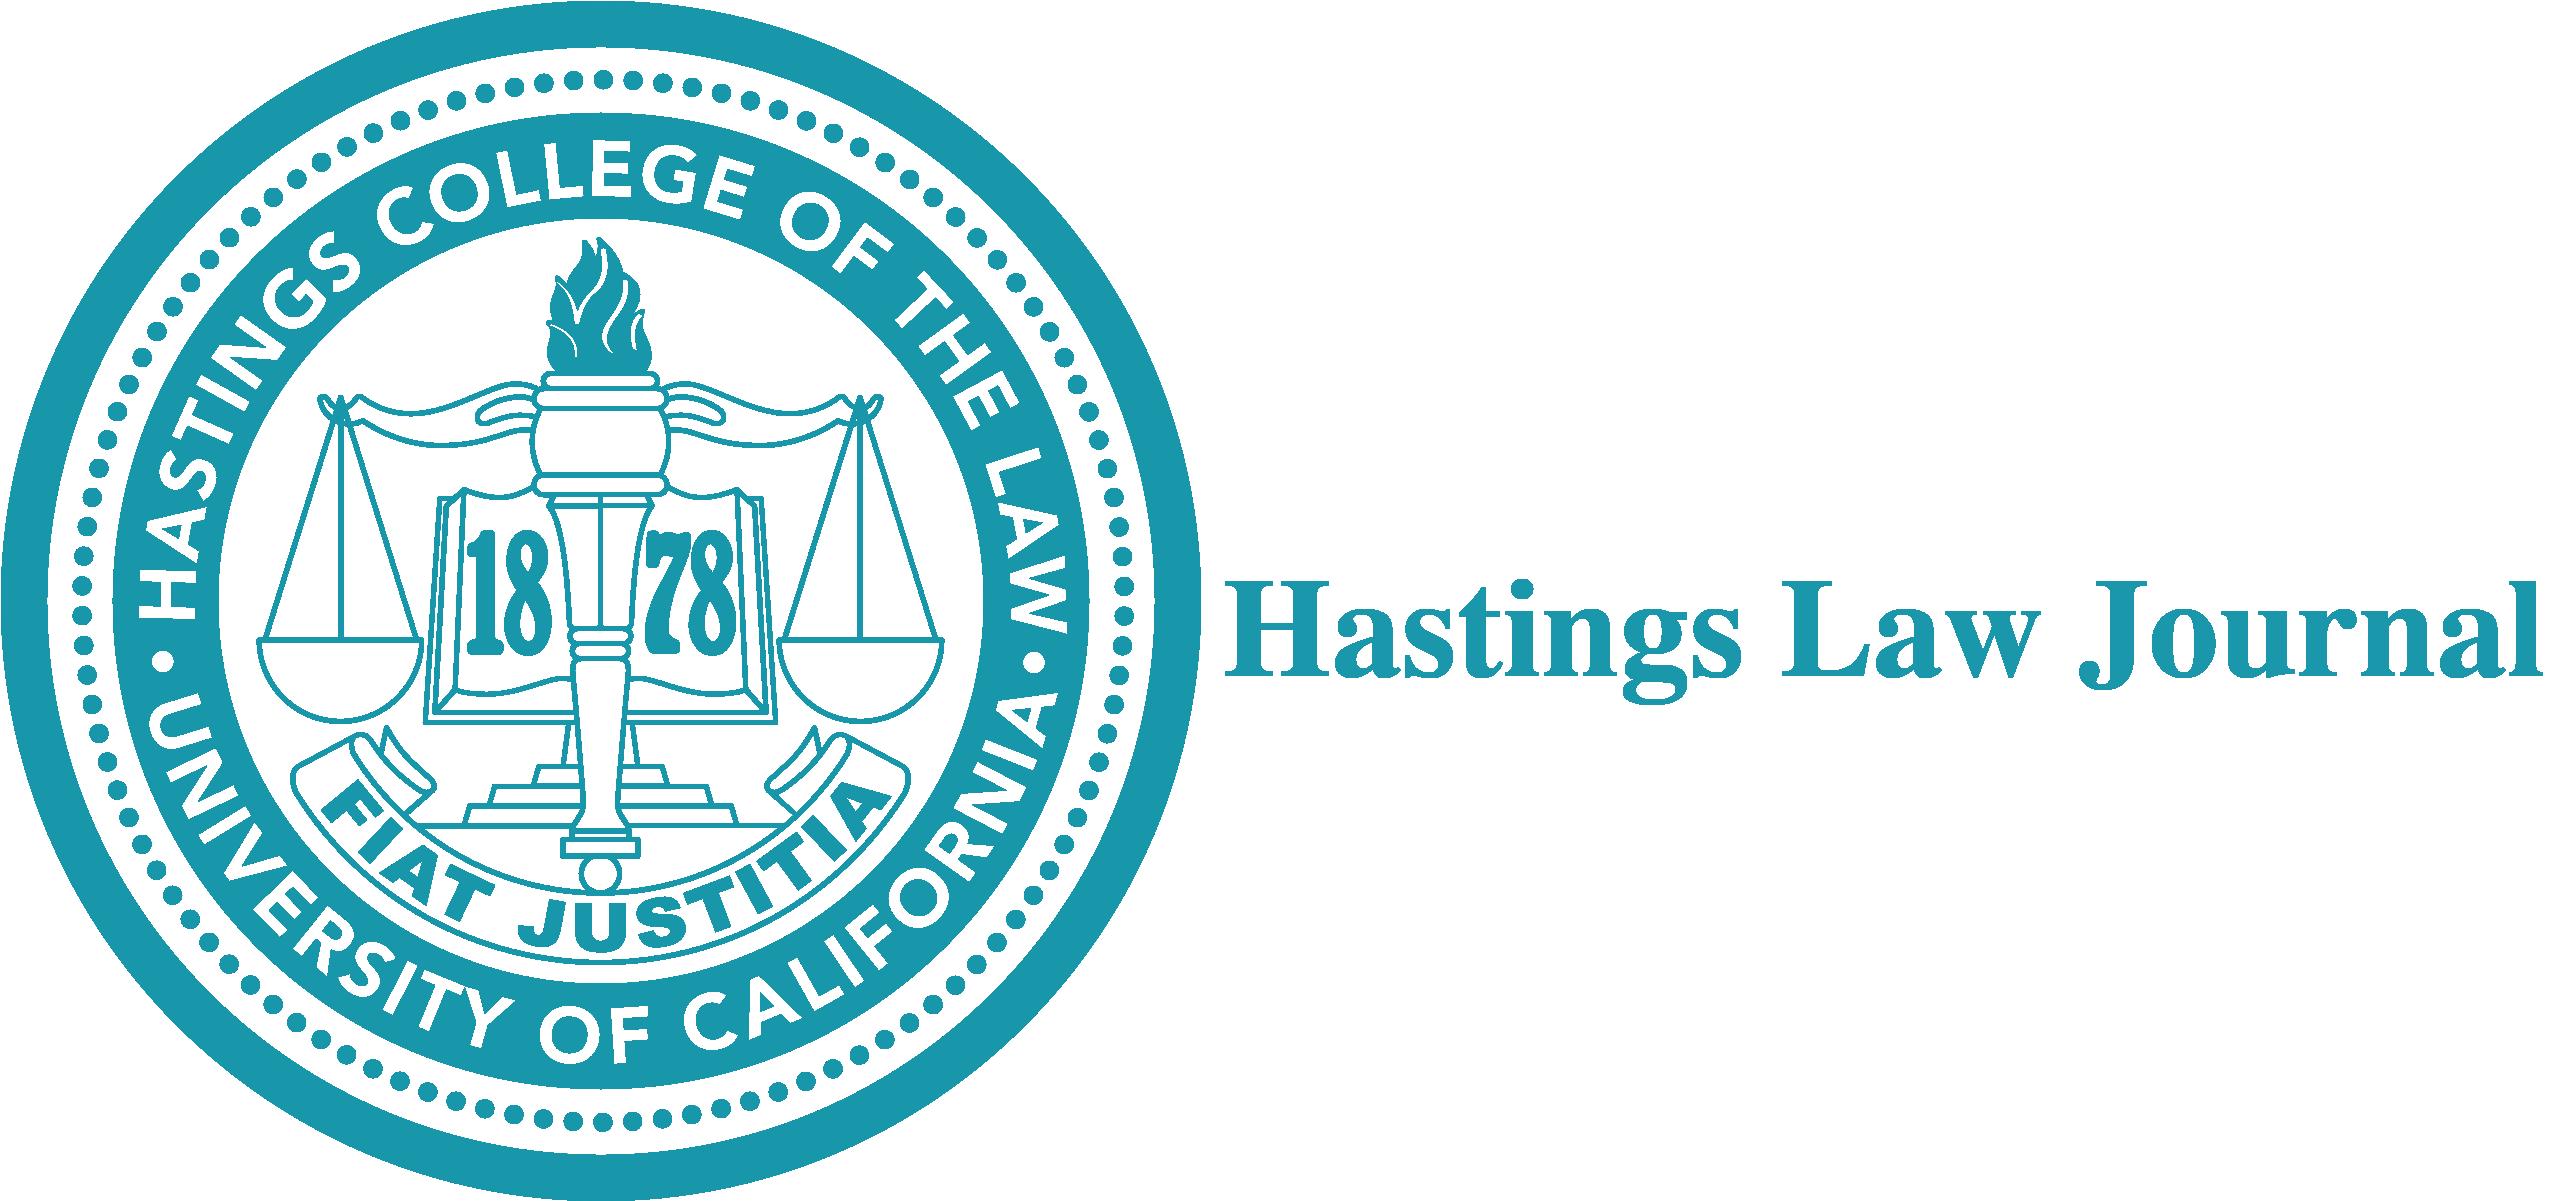 hastings law journal logo